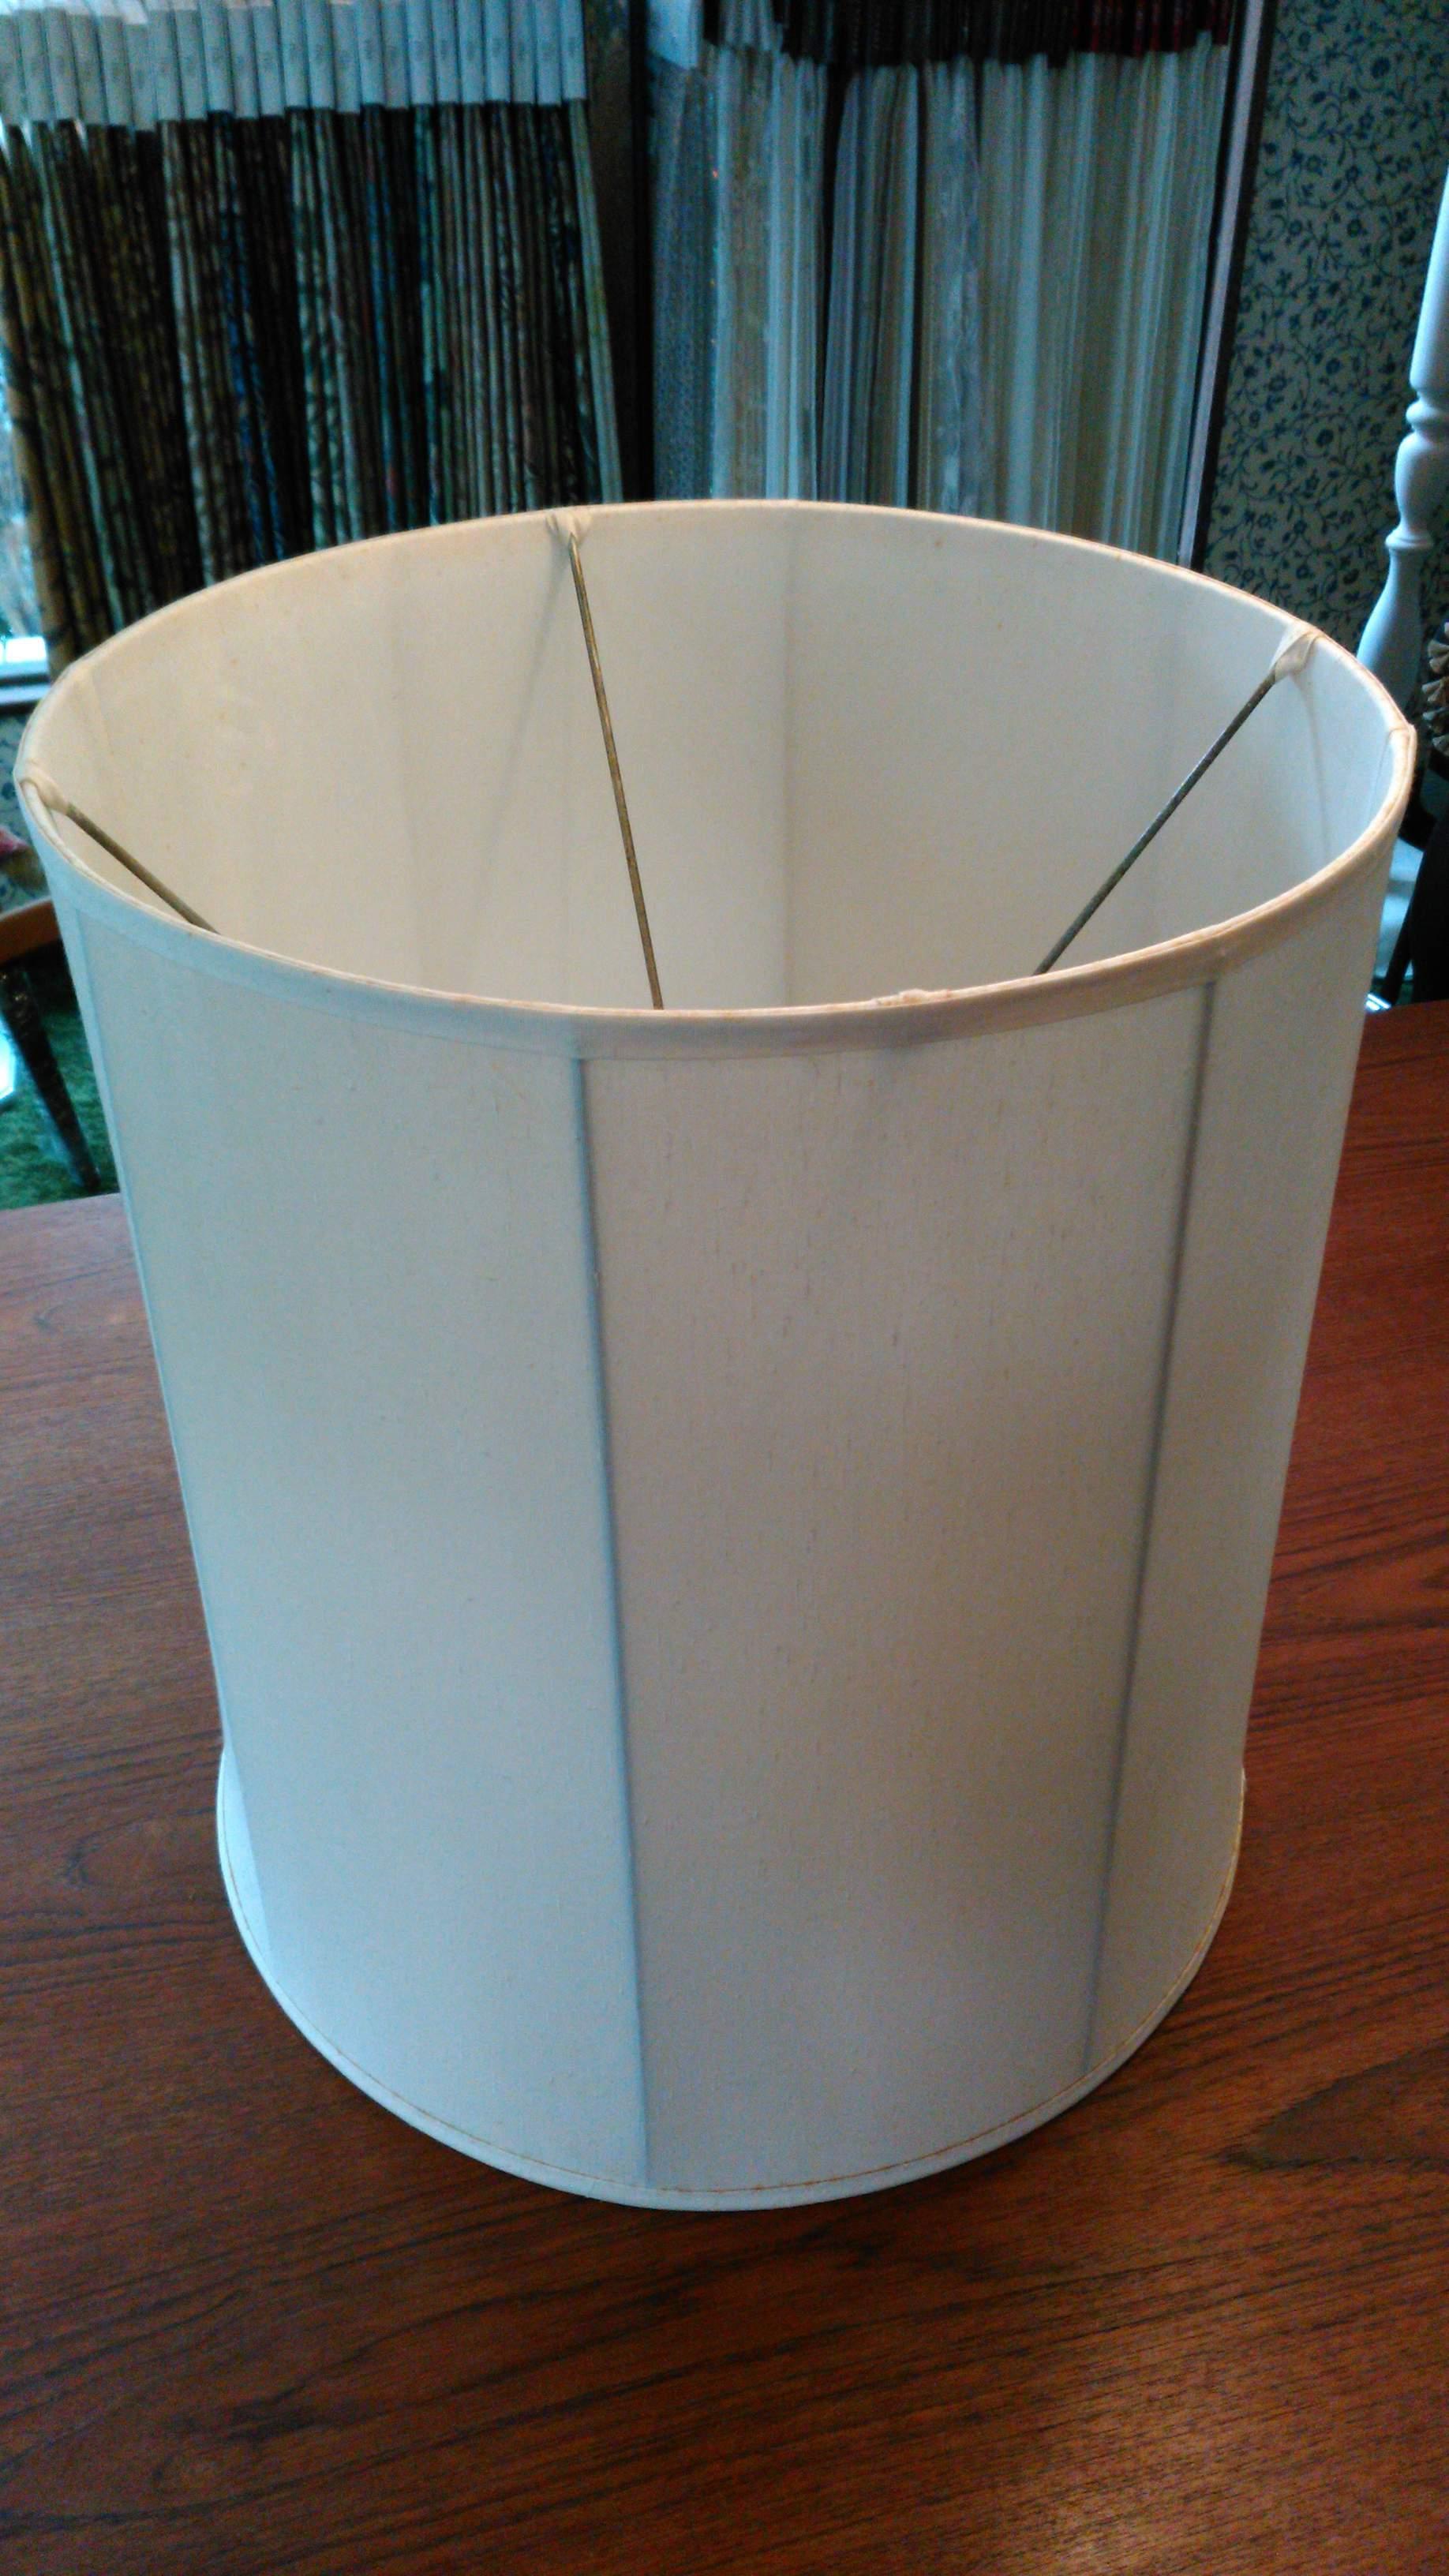 ドラム型のランプシェード張り替え_c0157866_12491650.jpg